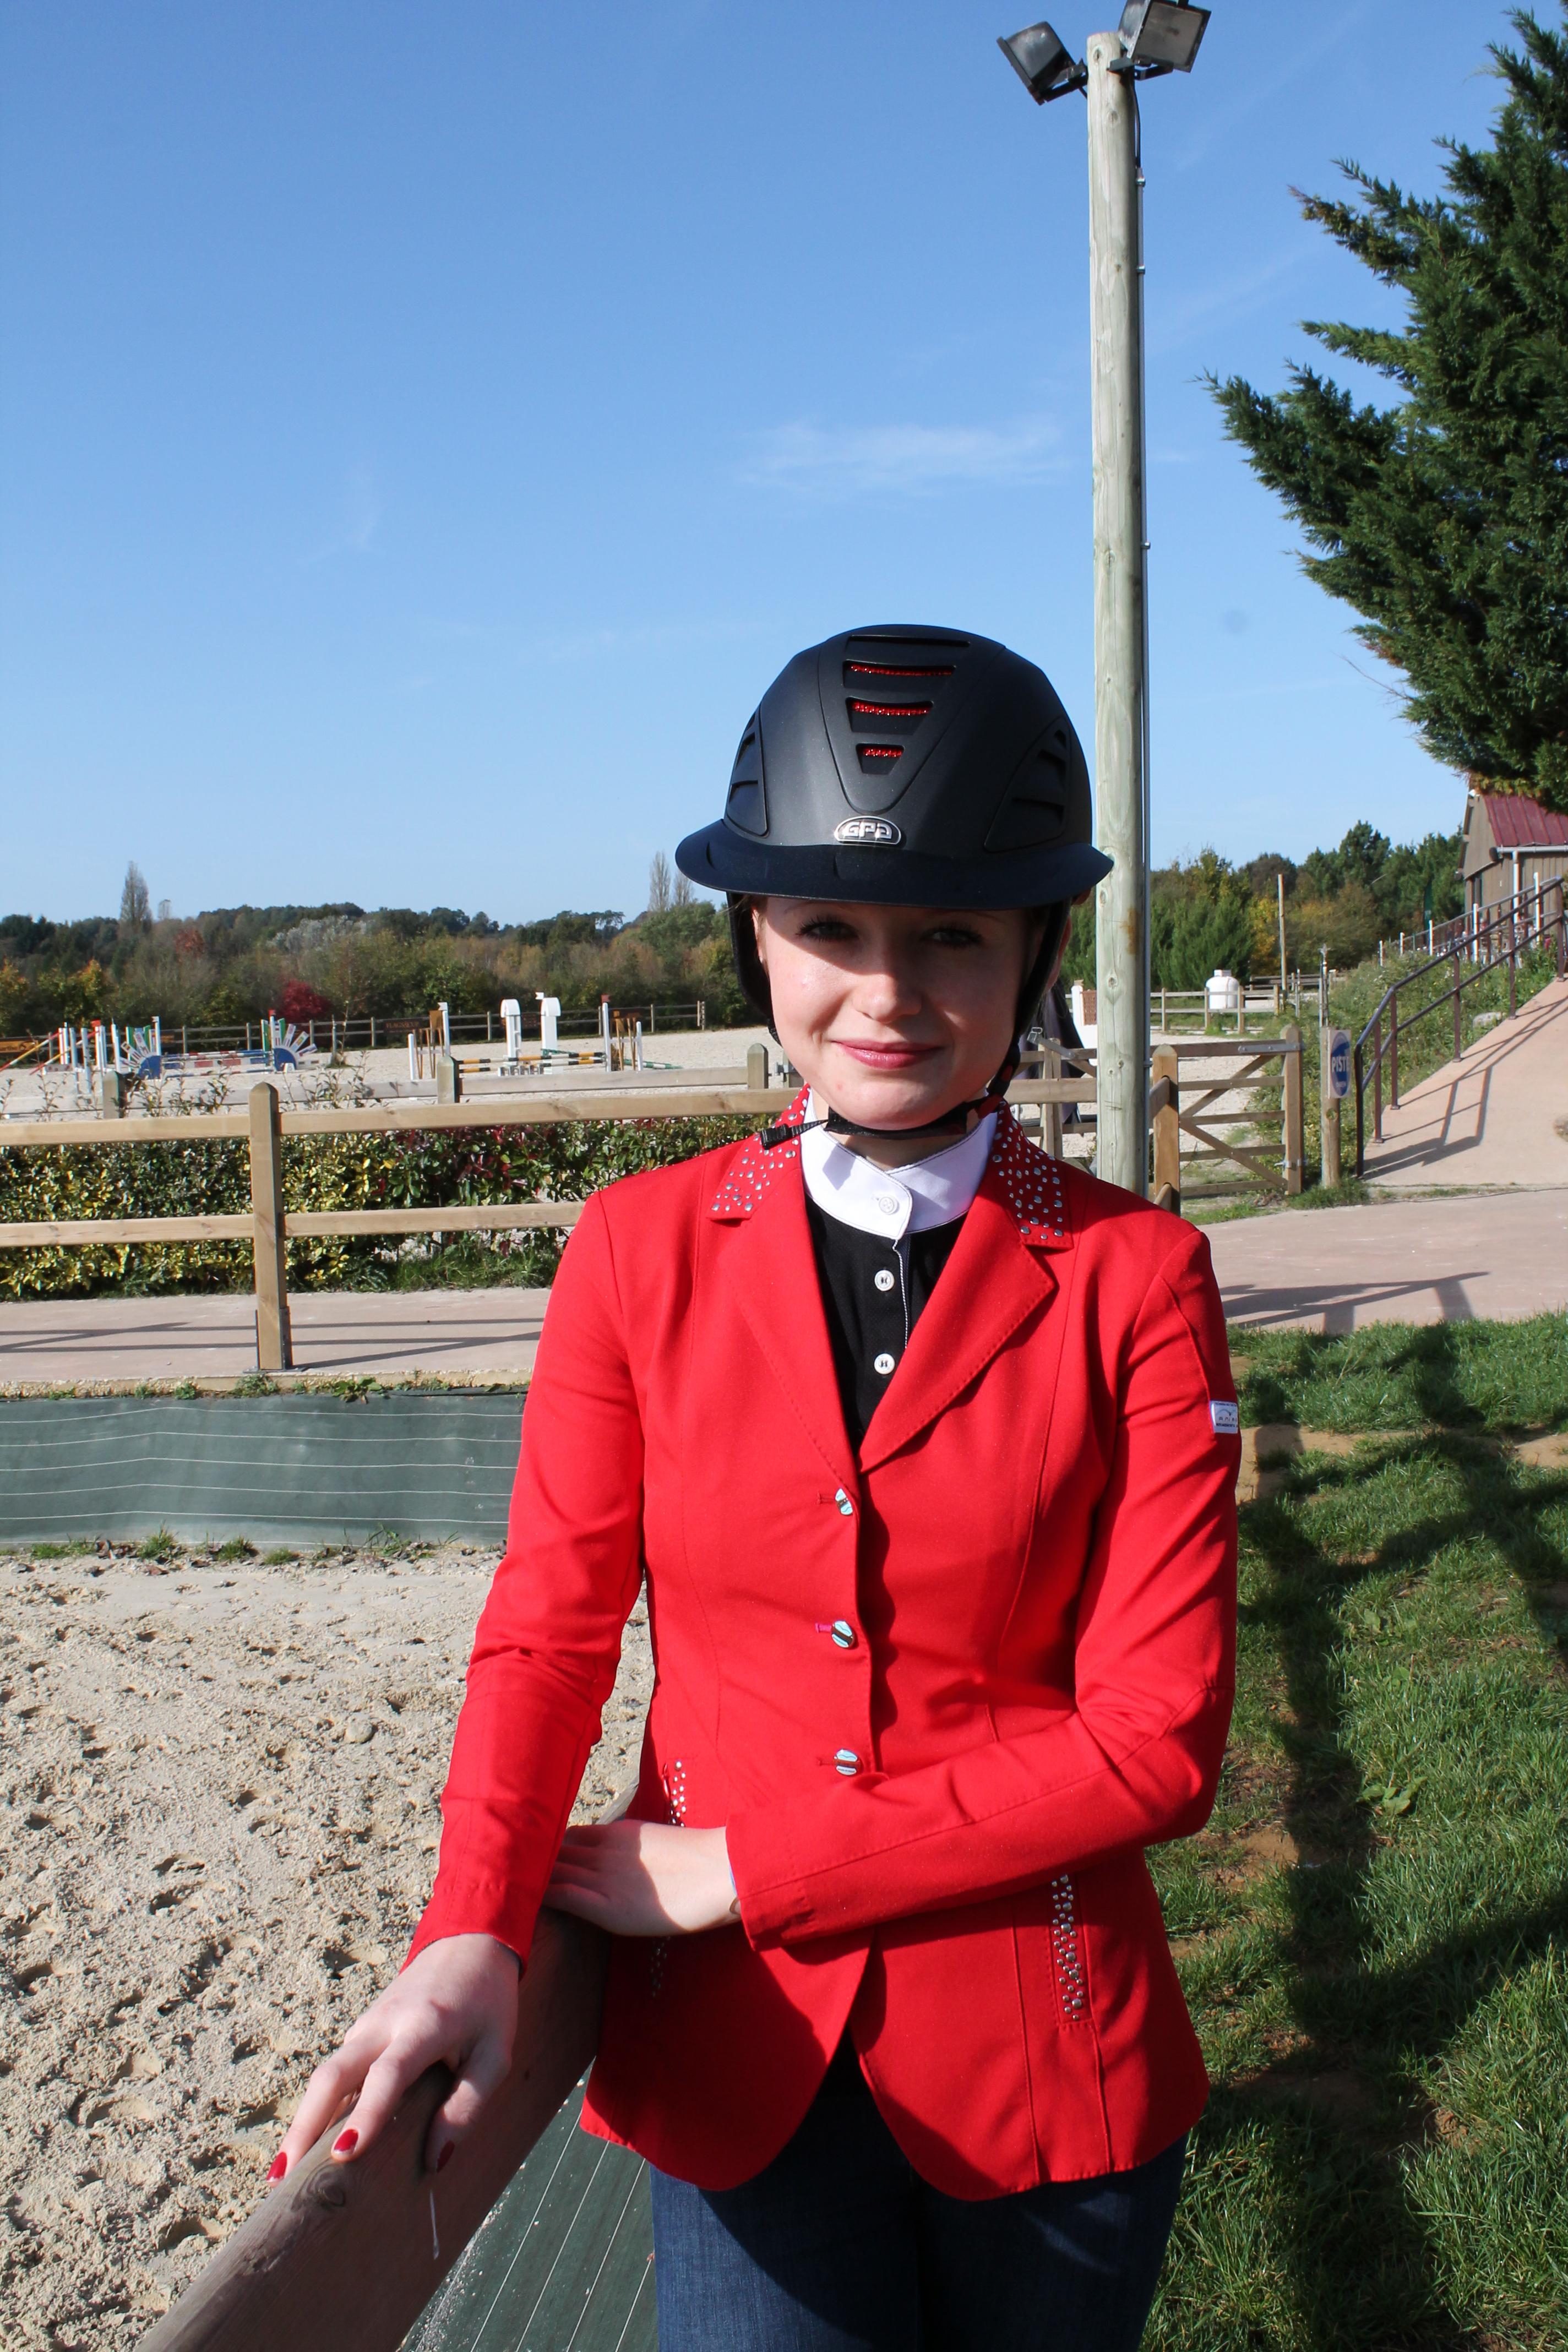 Nouveaux Casques Gpa Red Line Trendy Horse